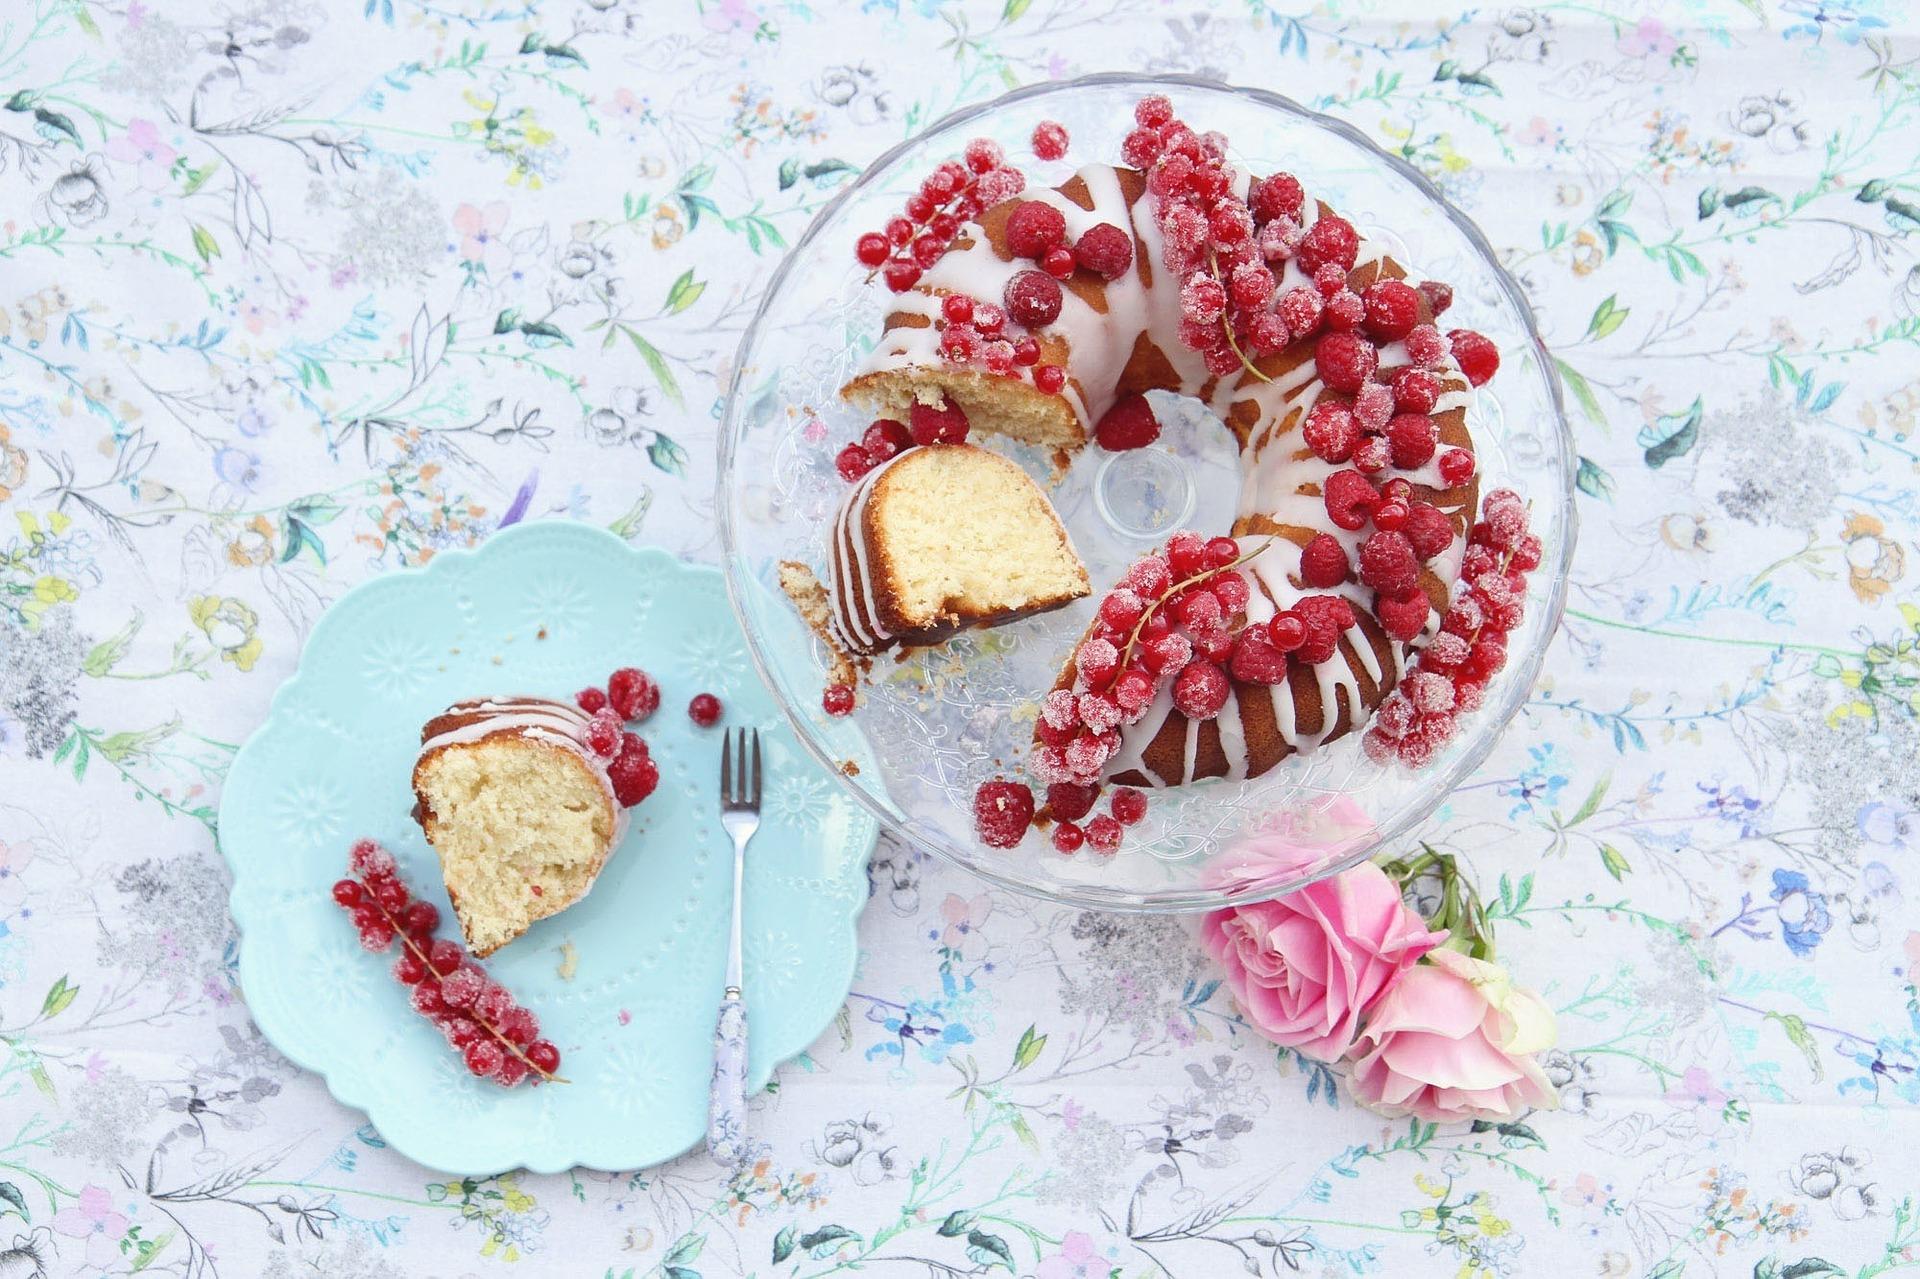 ダイエット中にオススメの炭水化物13選【白米や食パンの置き換えに最適】